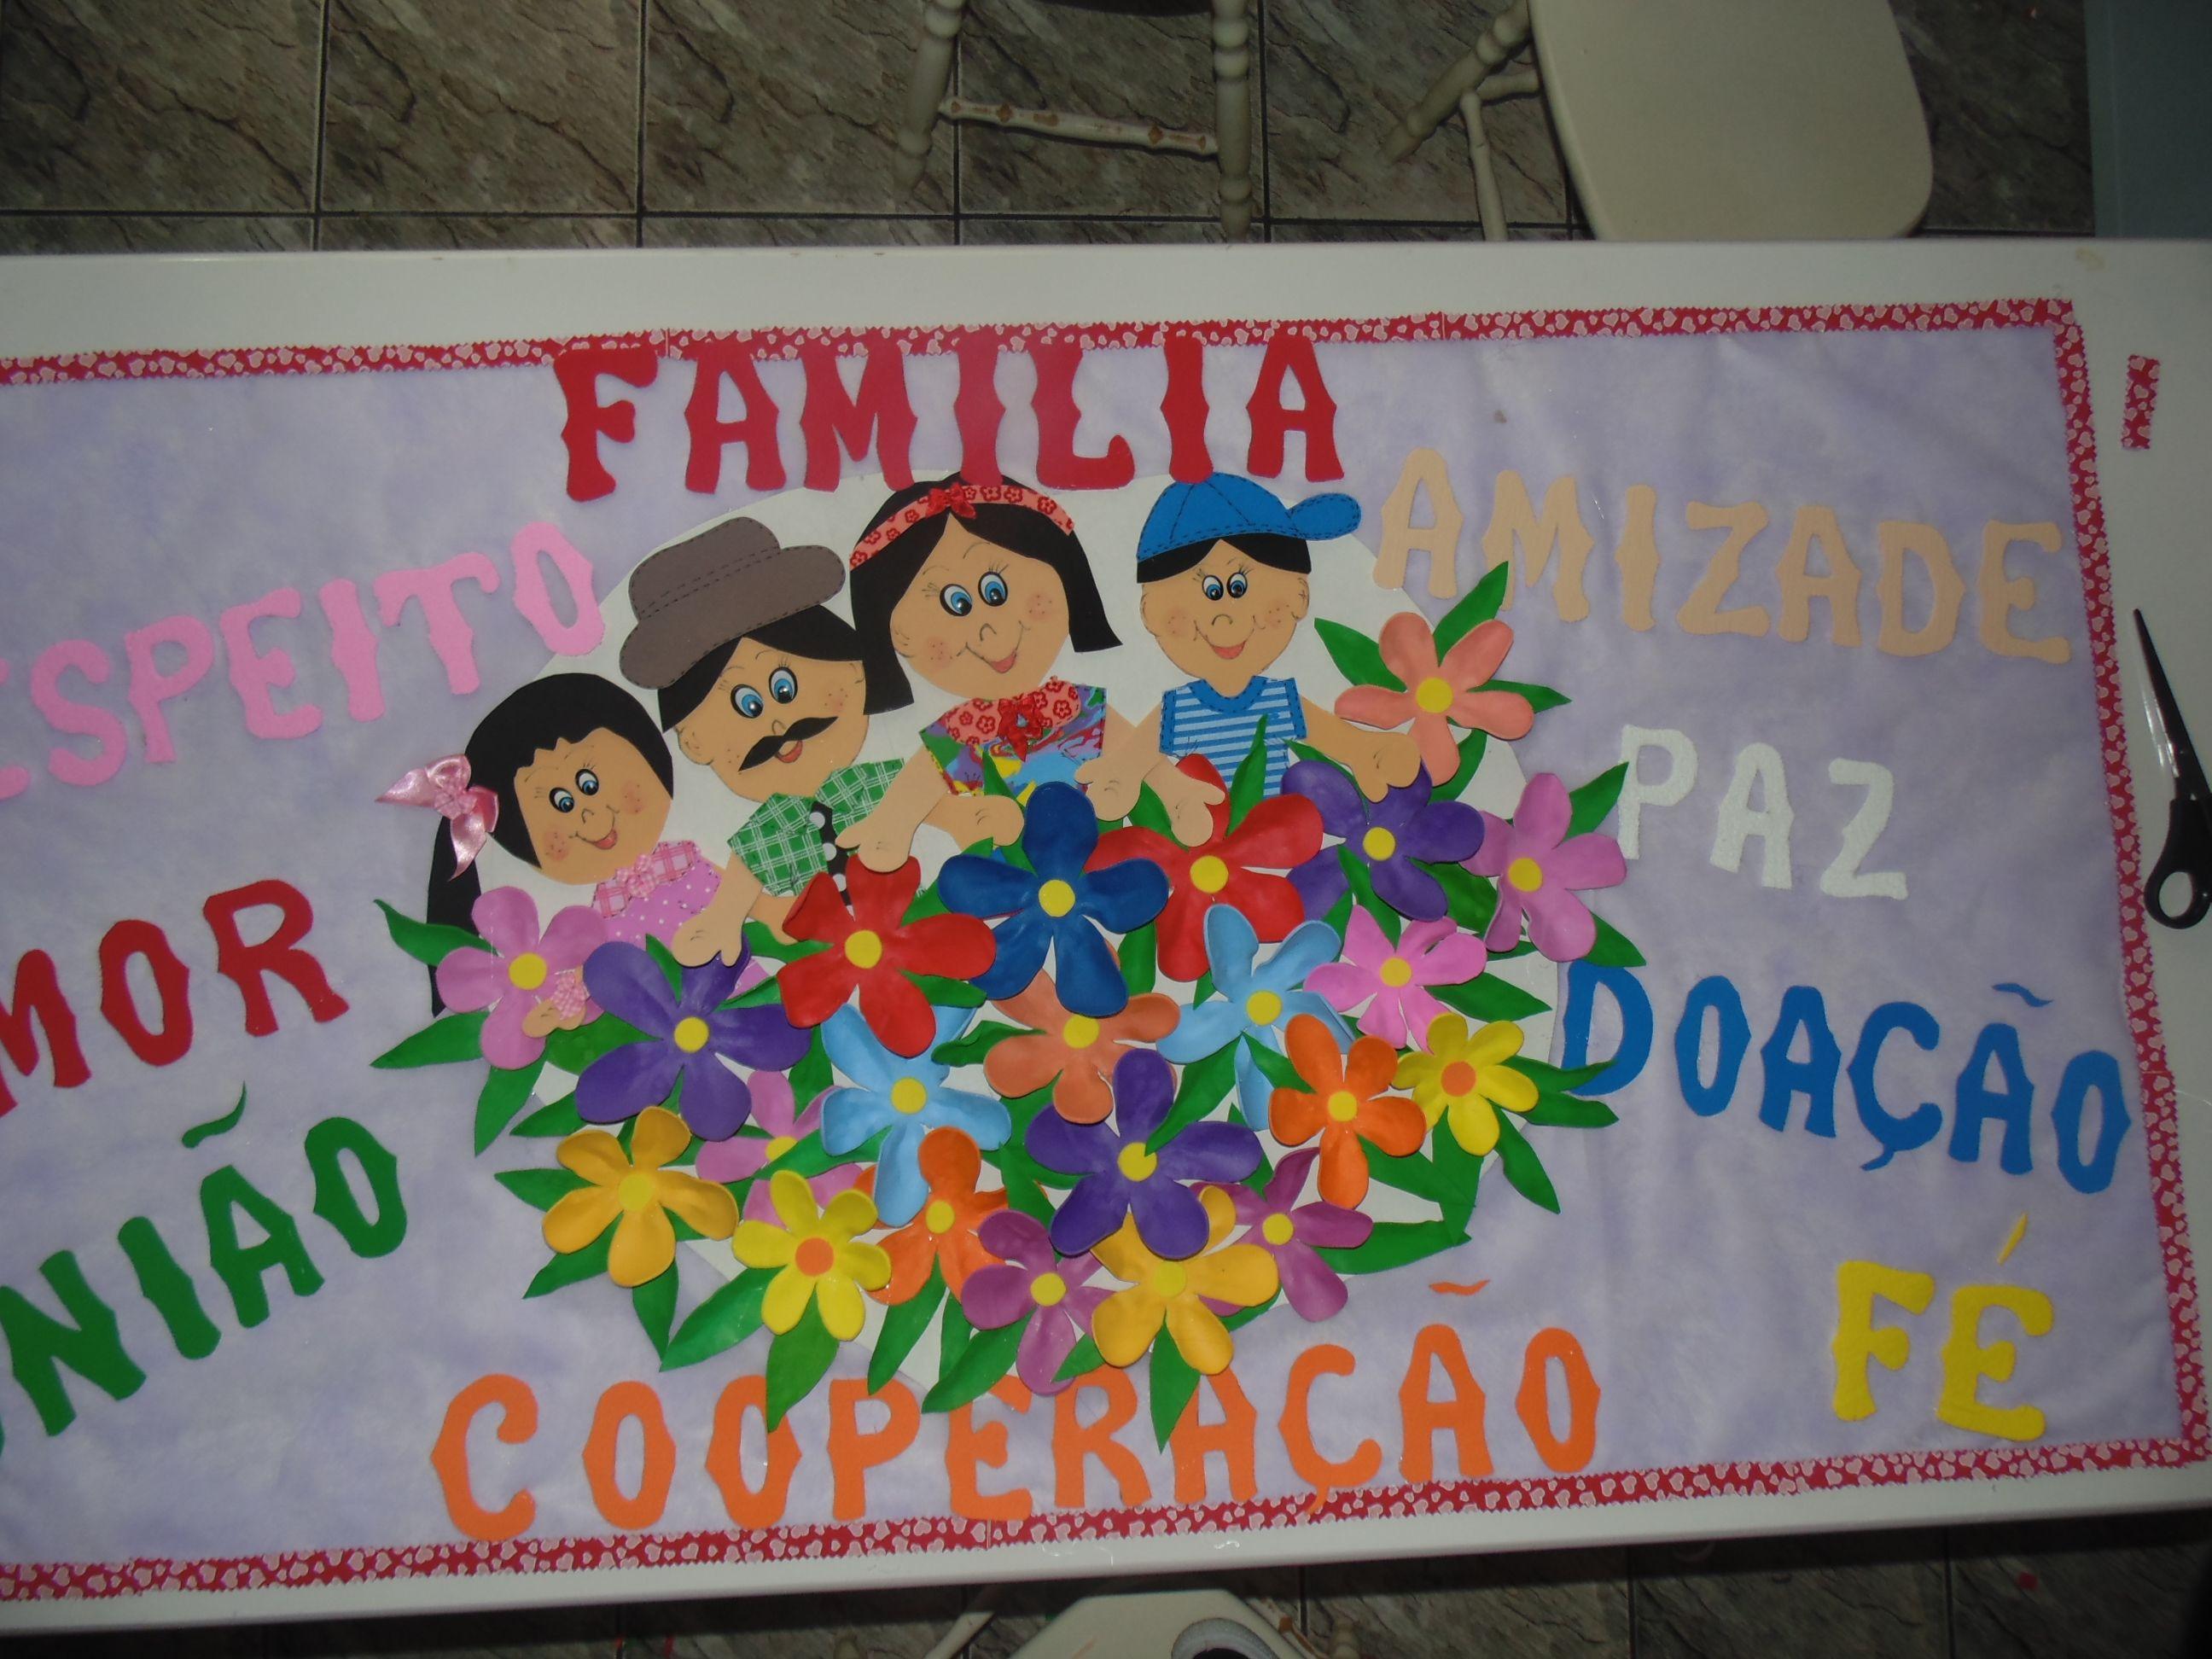 Como Organizar Uma Festa Da Familia Na Escola Final De Ano: PAINEL SOBRE O DIA DA FAMÍLIA NA ESCOLA,QUE FIZ PARA UMA